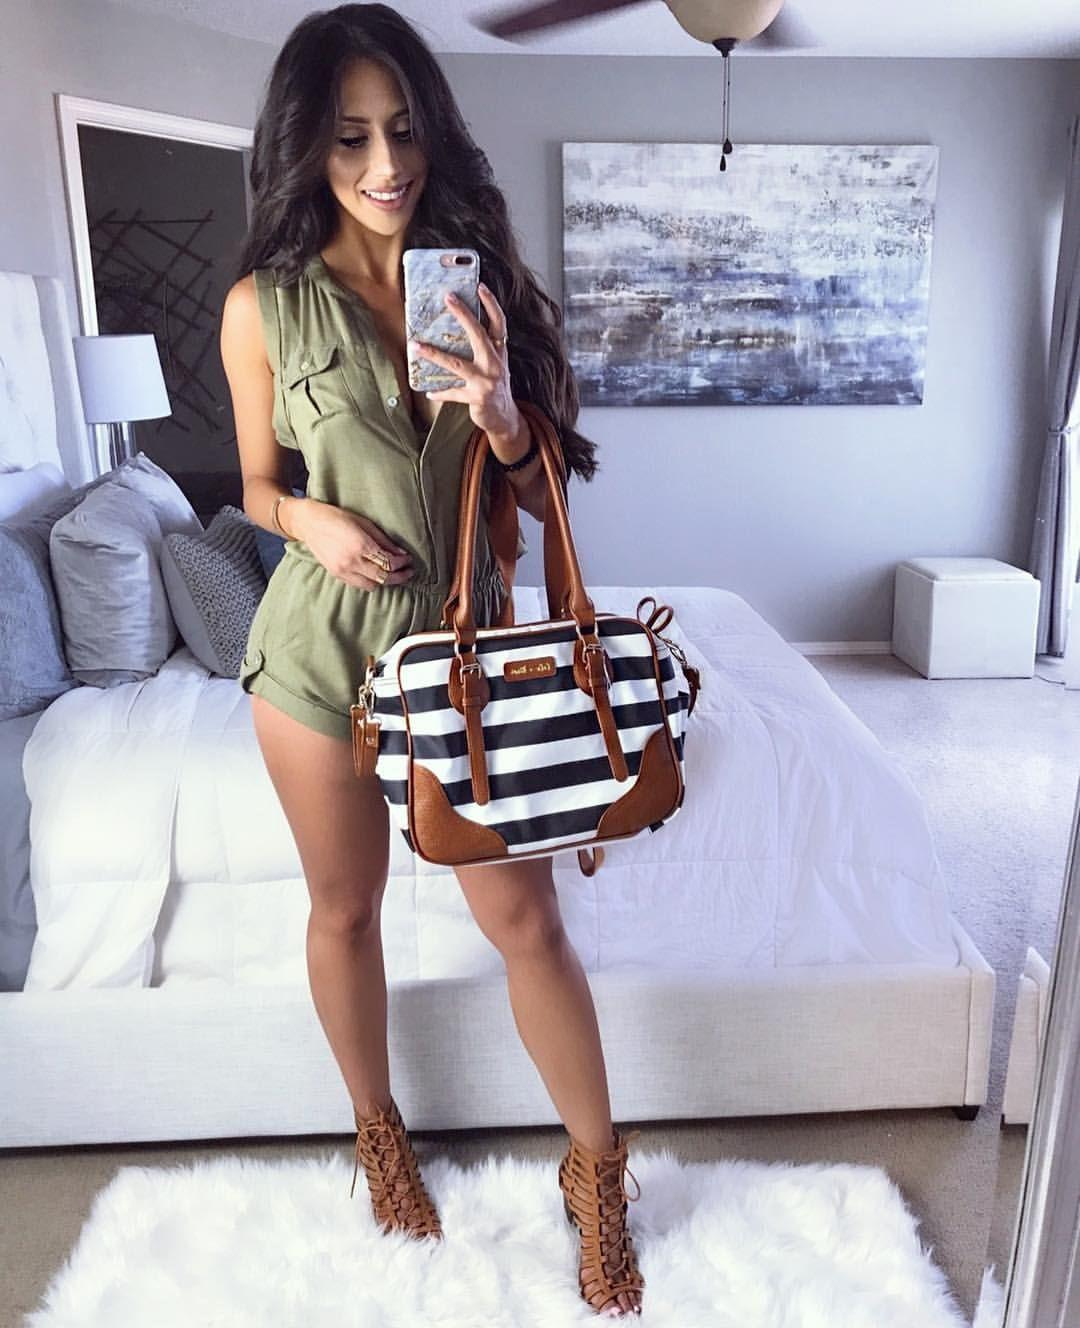 """e43b5b5c7c747 YVETTE GARCIA (@yvetteg23) on Instagram: """"🥑#ootd Romper : @fashionnova use  code xoyvette to save search Naomi romper Diaper bag #romper #outfit ..."""